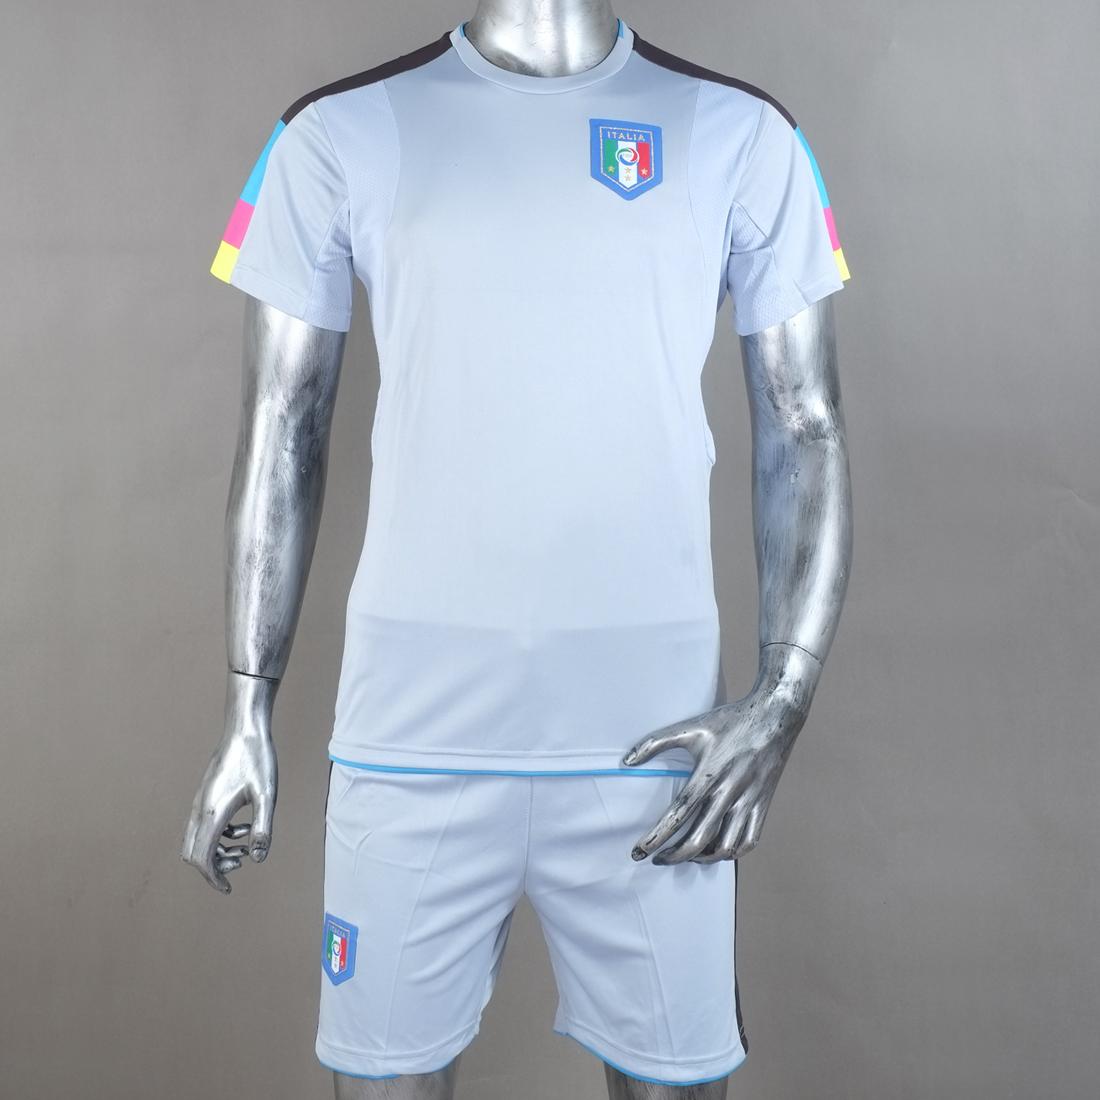 Áo đội tuyển Italia sân